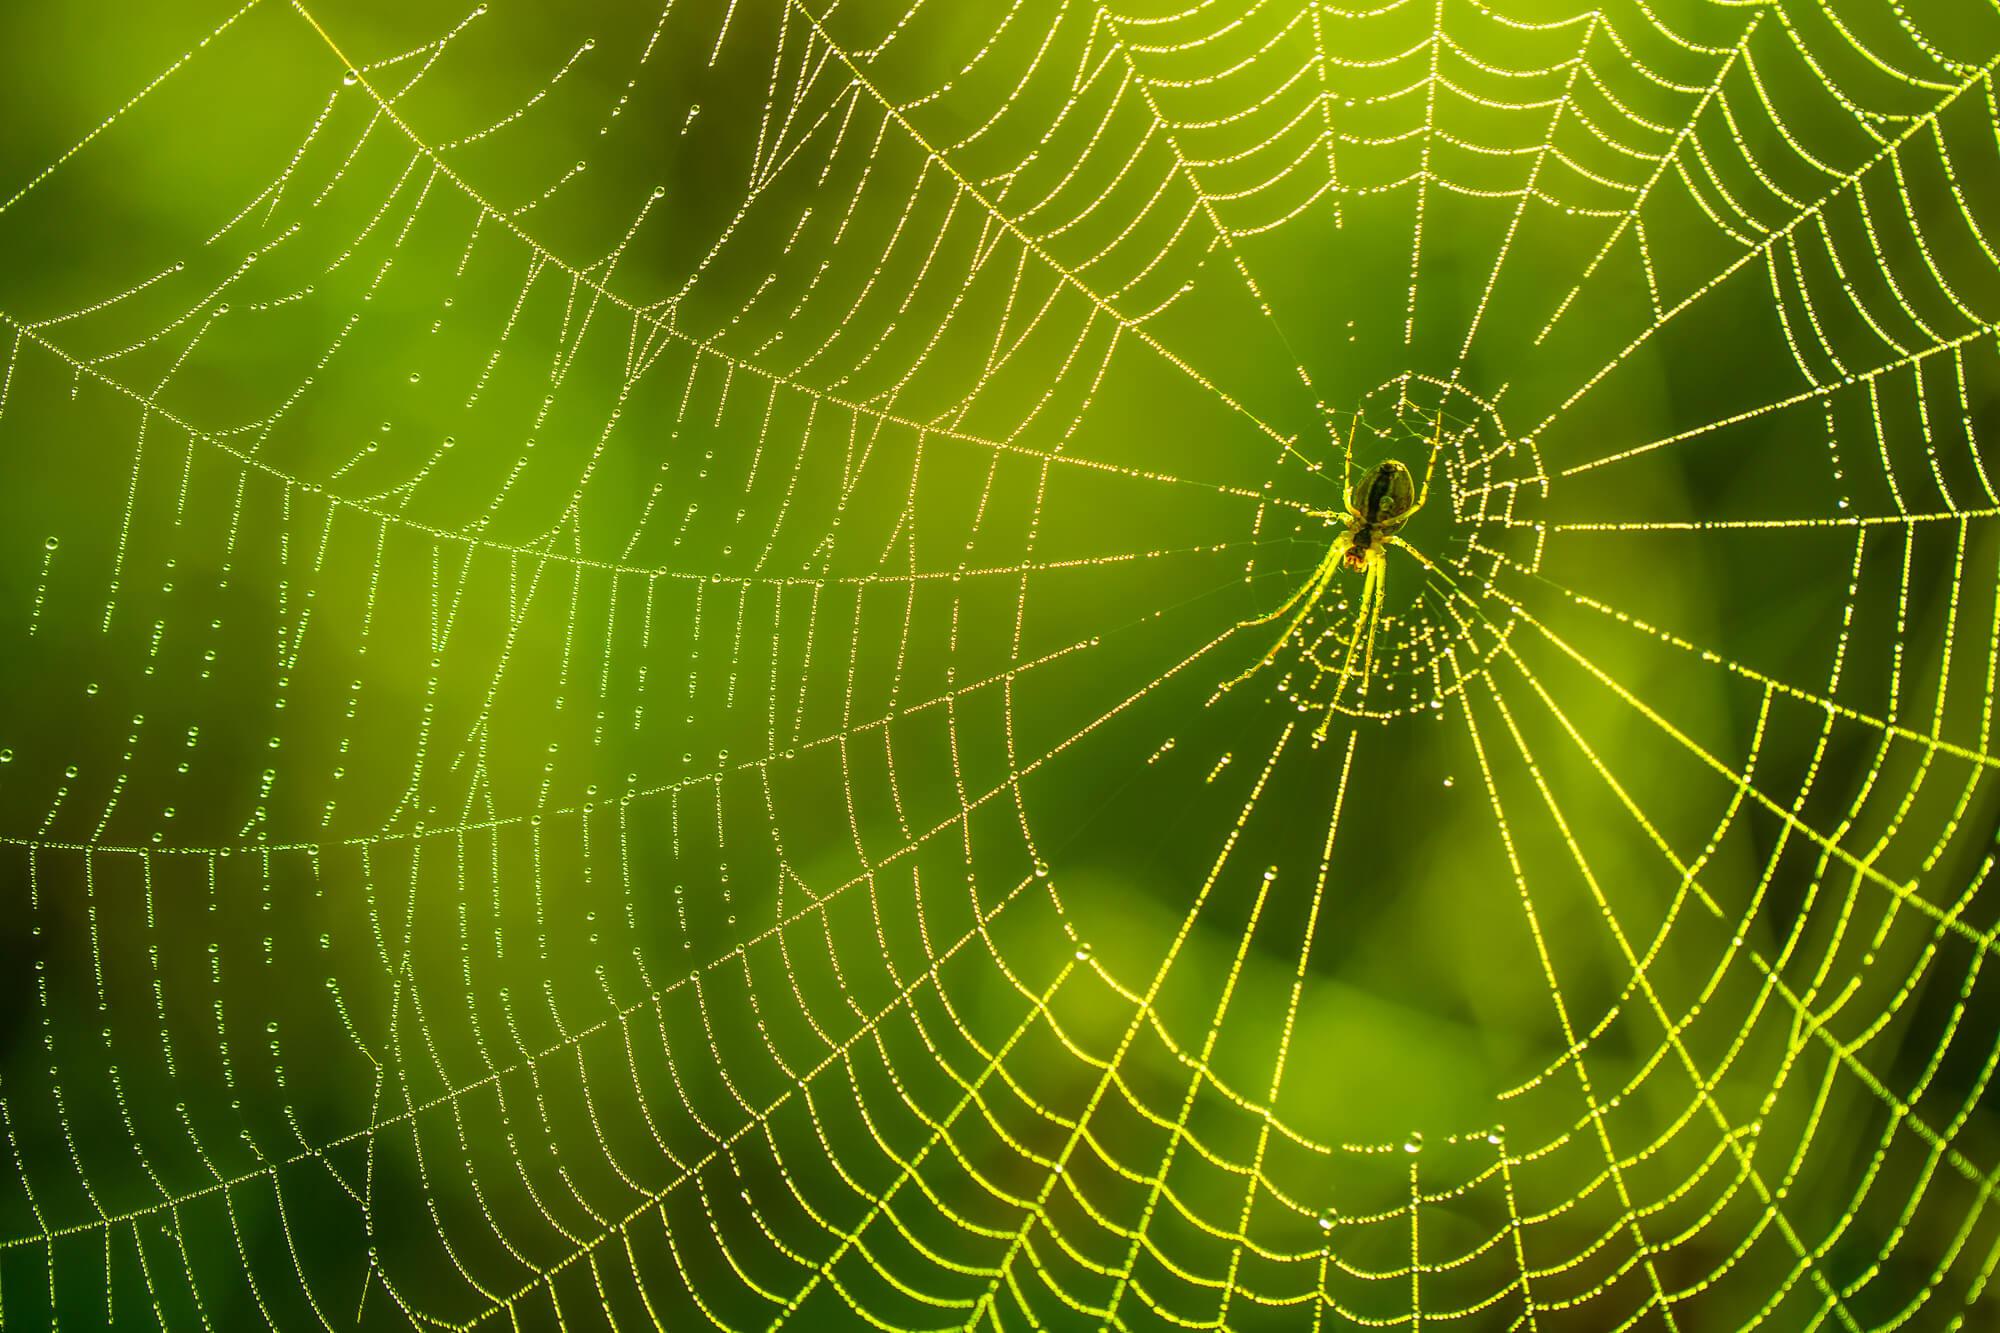 蜘蛛のスピリチュアルな意味